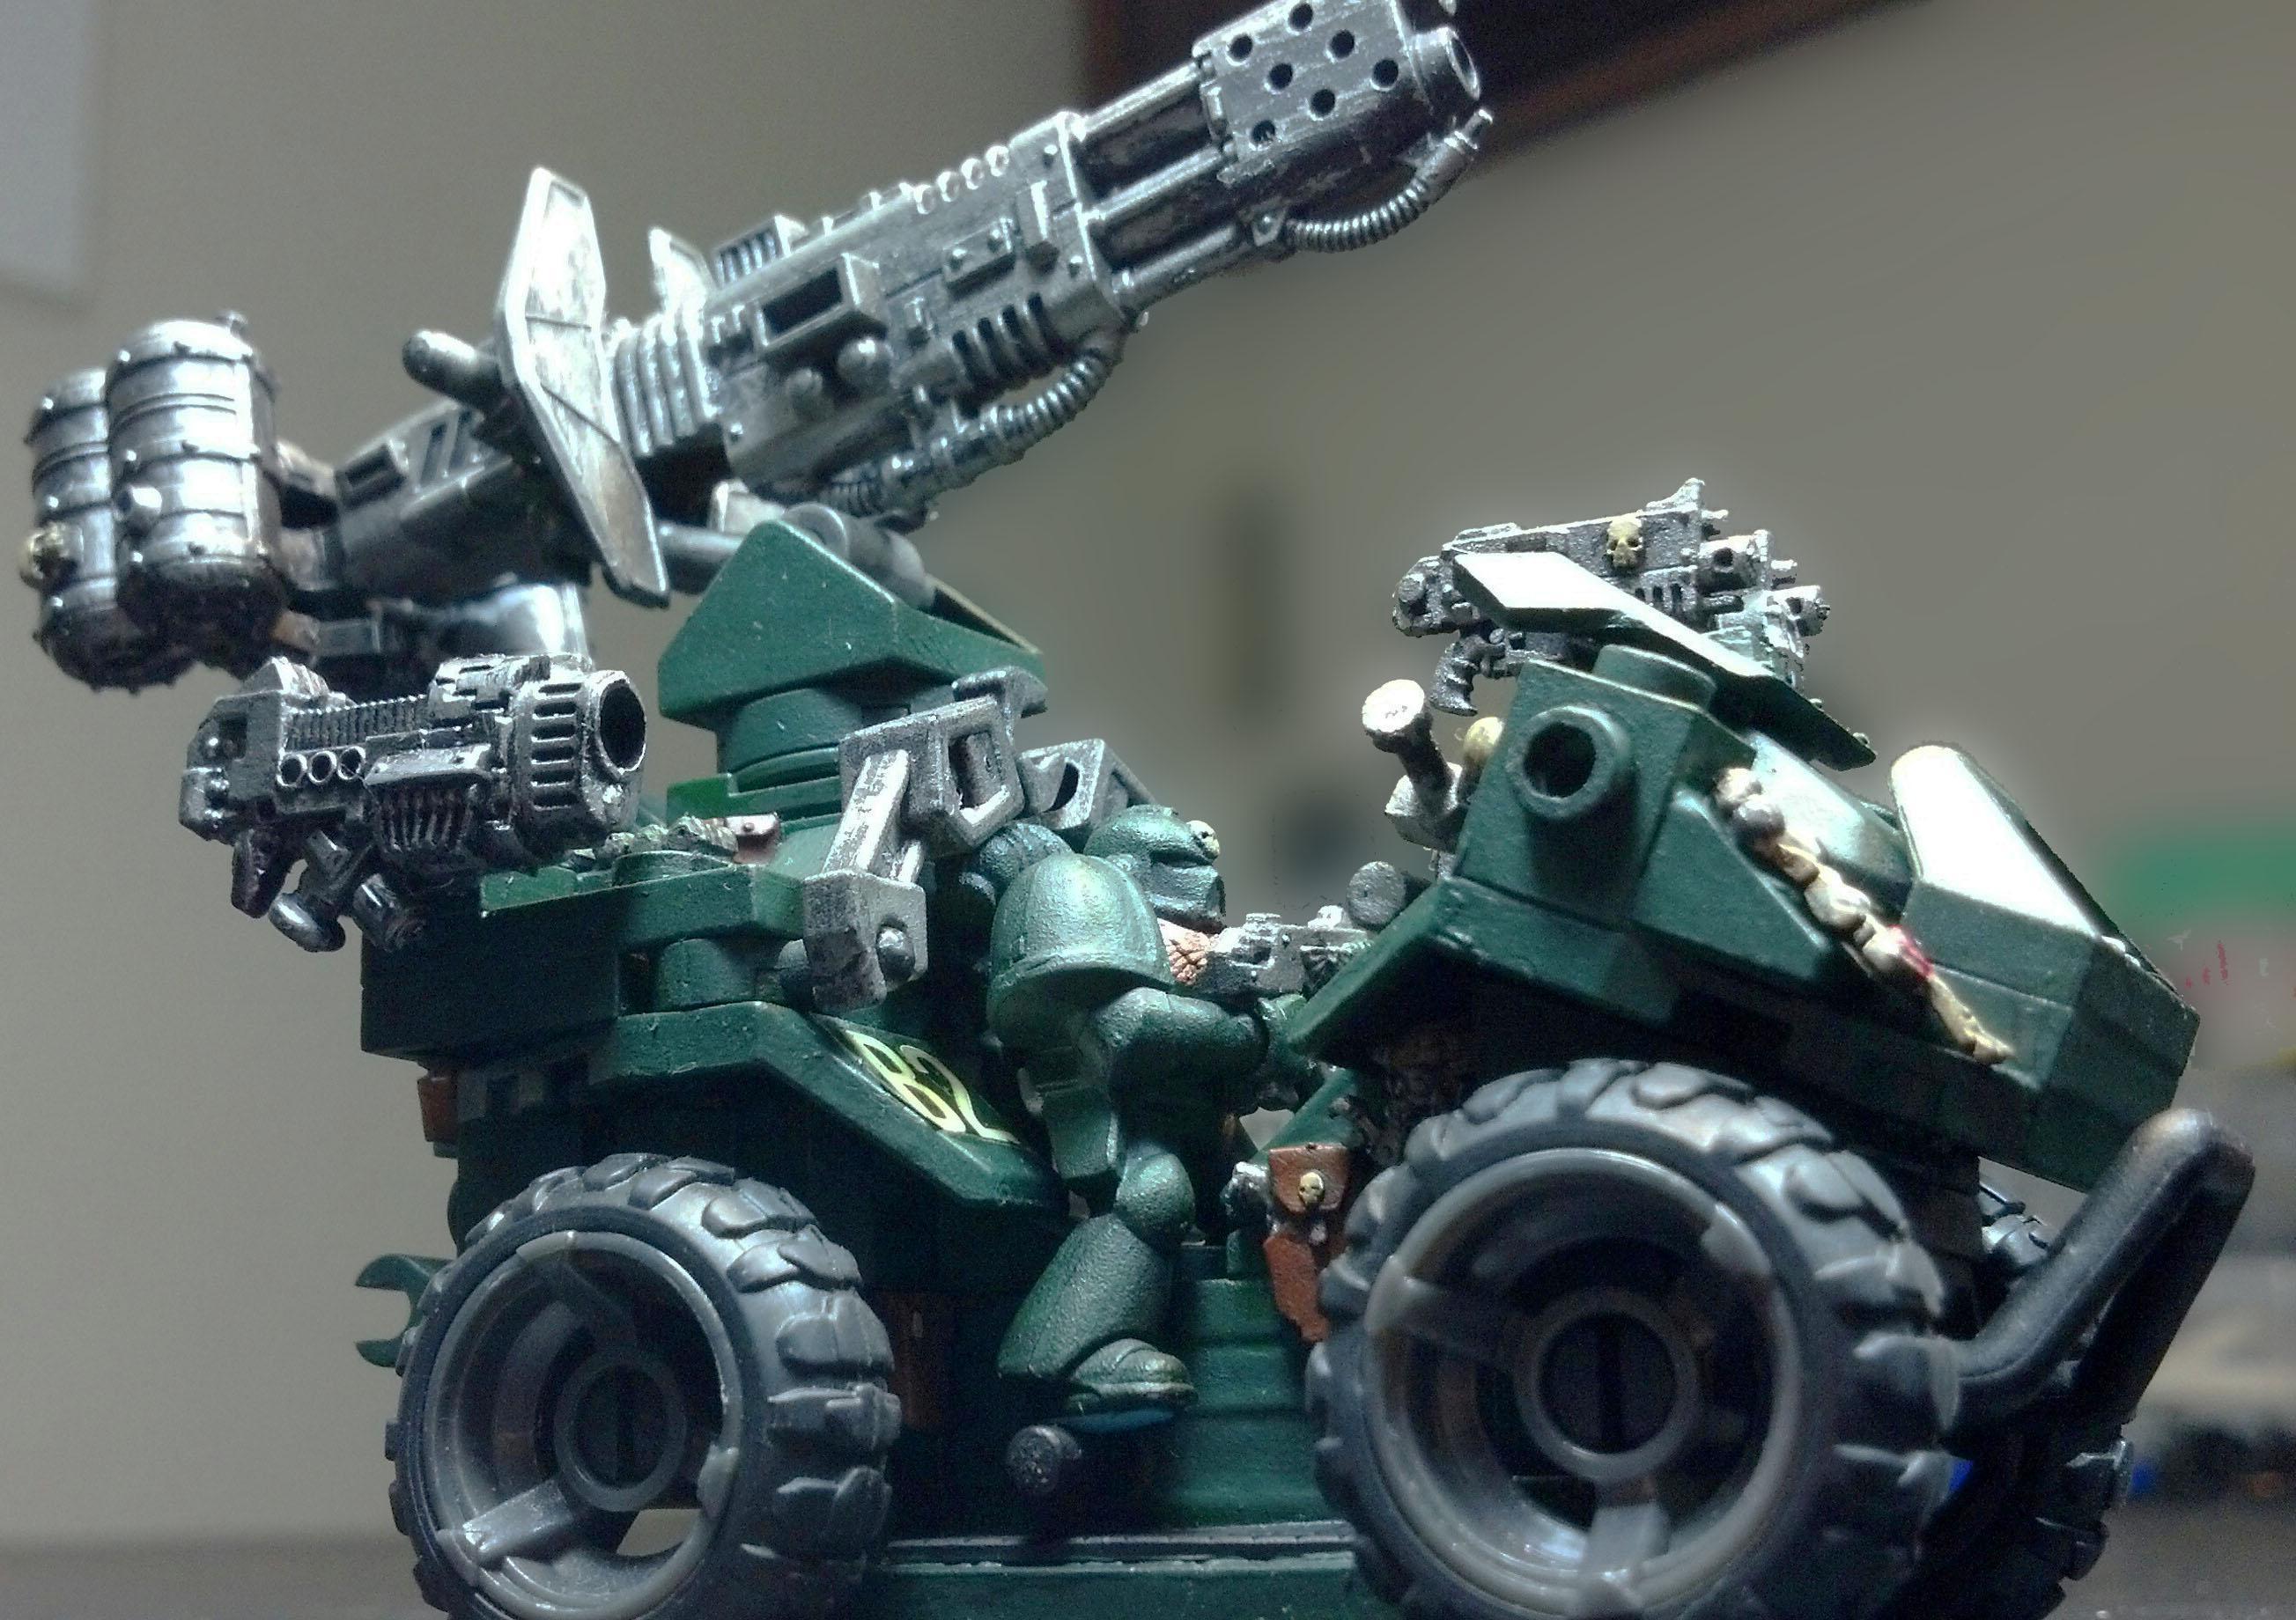 4x4, Army, Astartes, Dark Angels, Darkangels, Military, Next Generation, Quad, Ravenwing, Space Marines, Spacemarine, War, Warhammer 40,000, Warhammer Fantasy